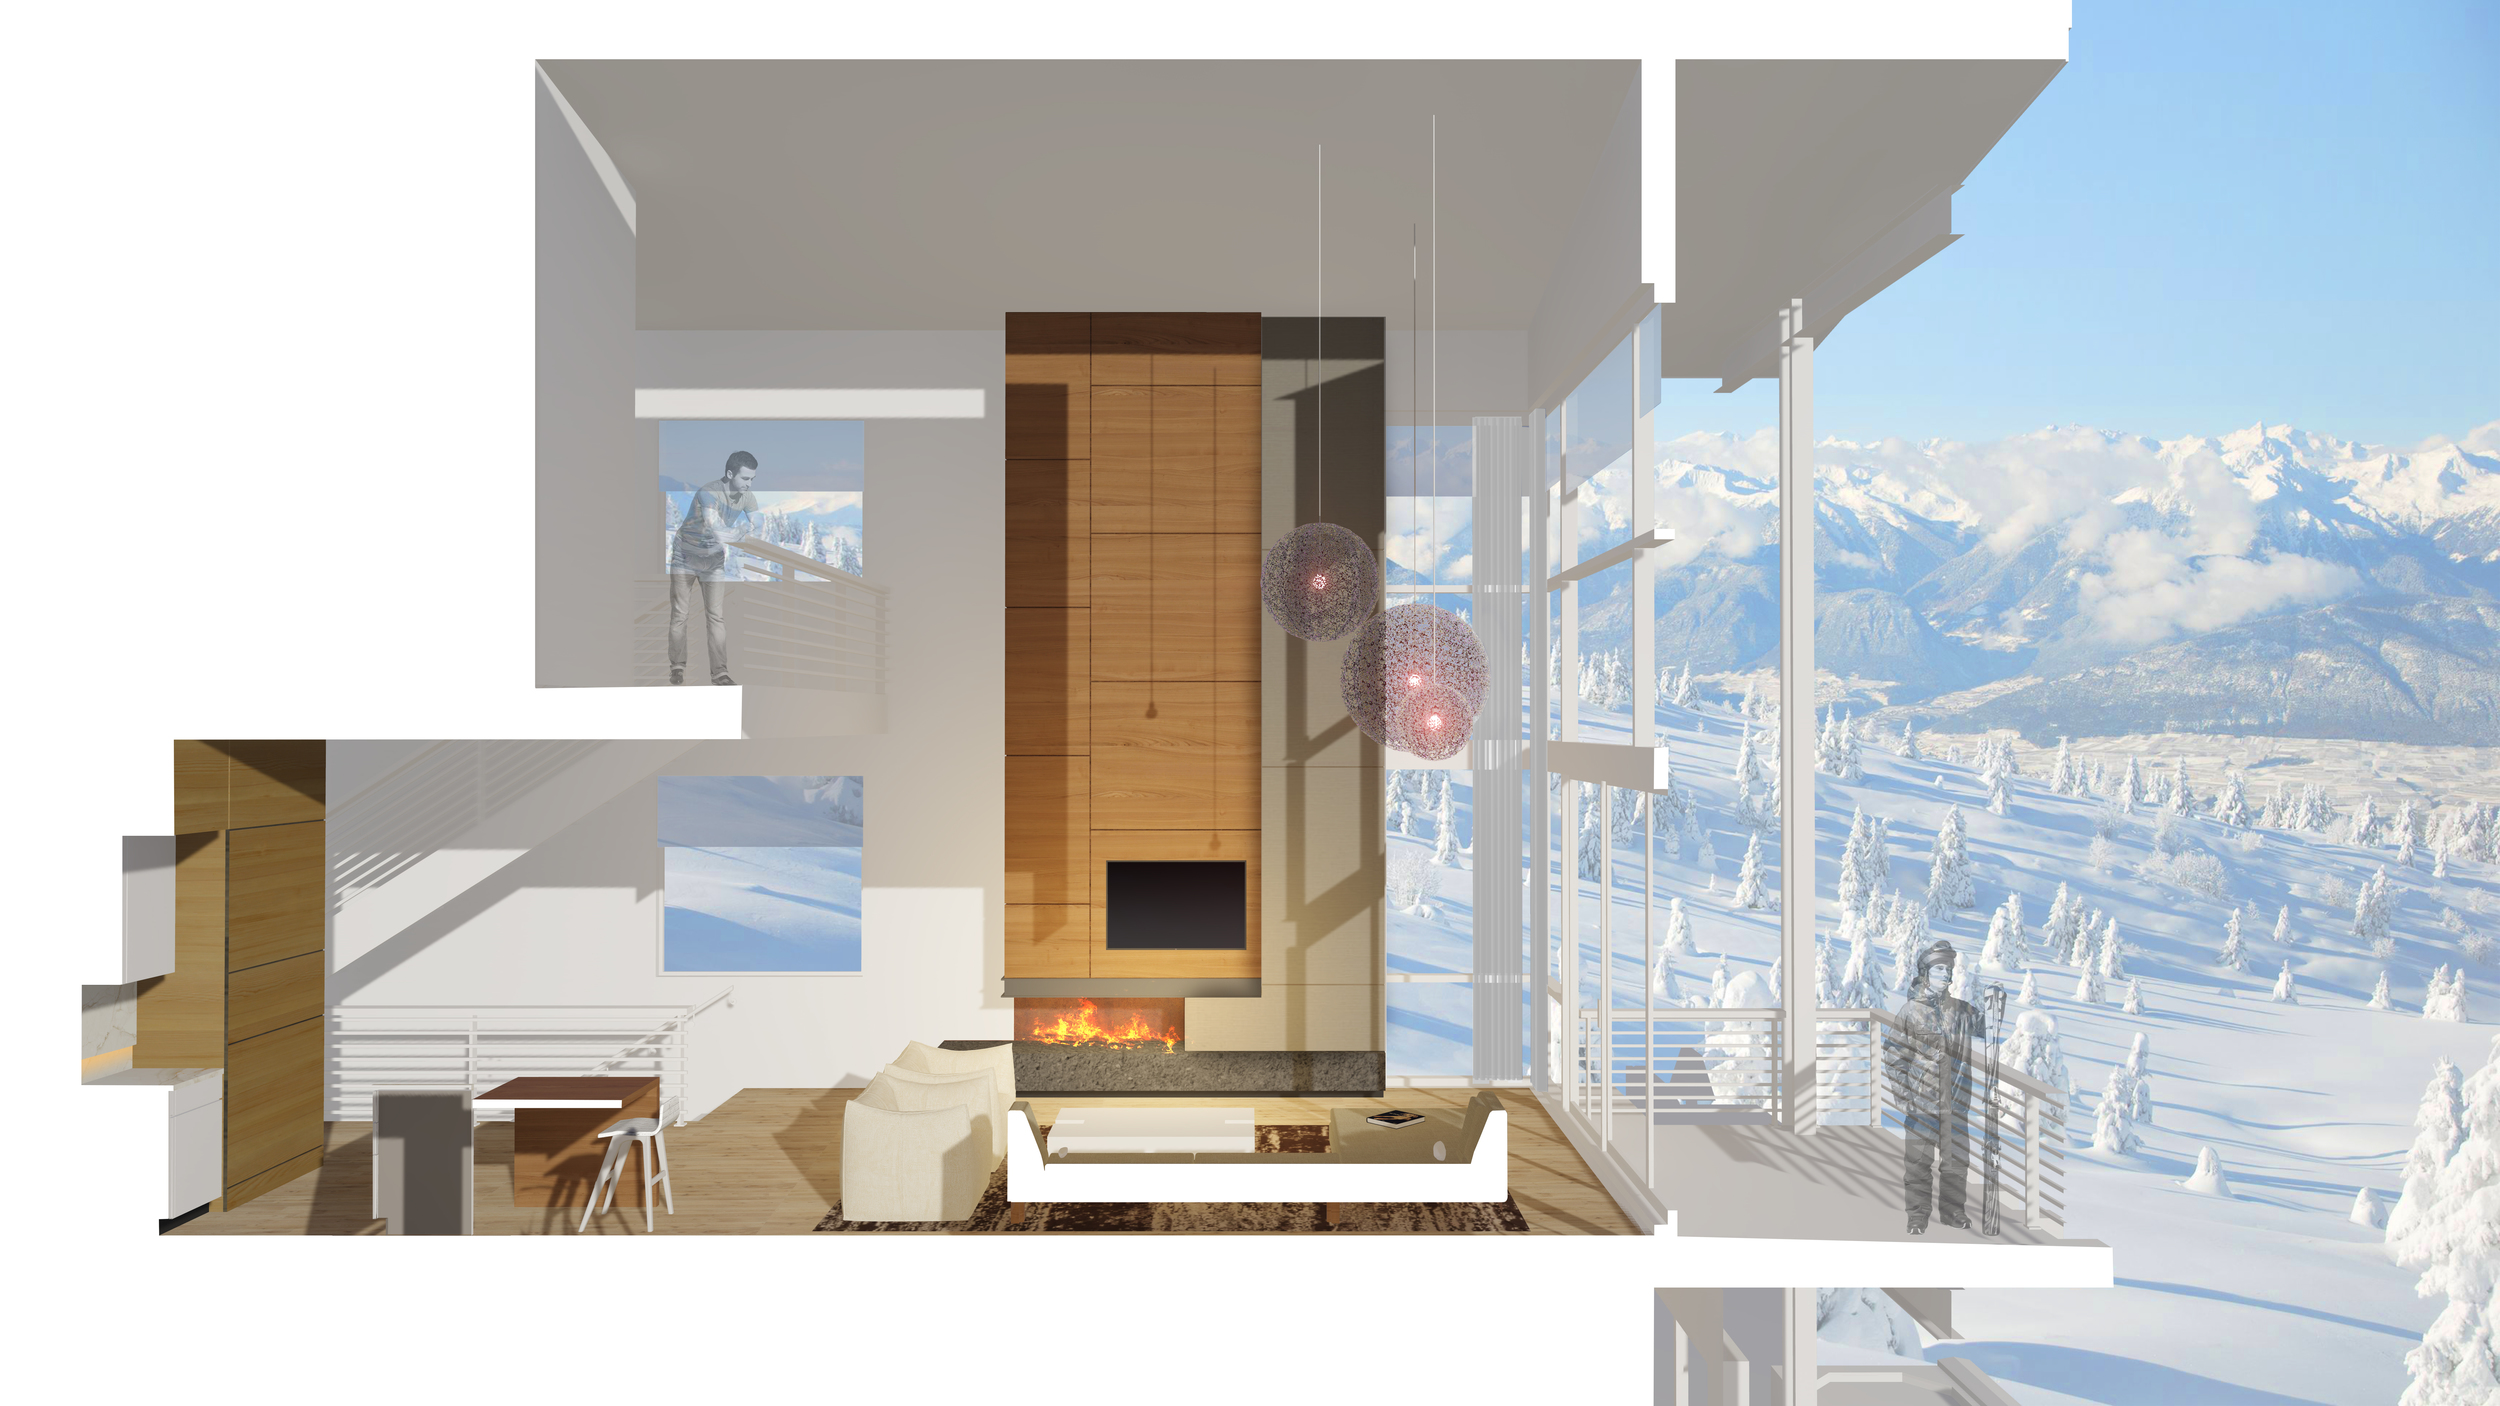 Ski Cabin Sacro Magno